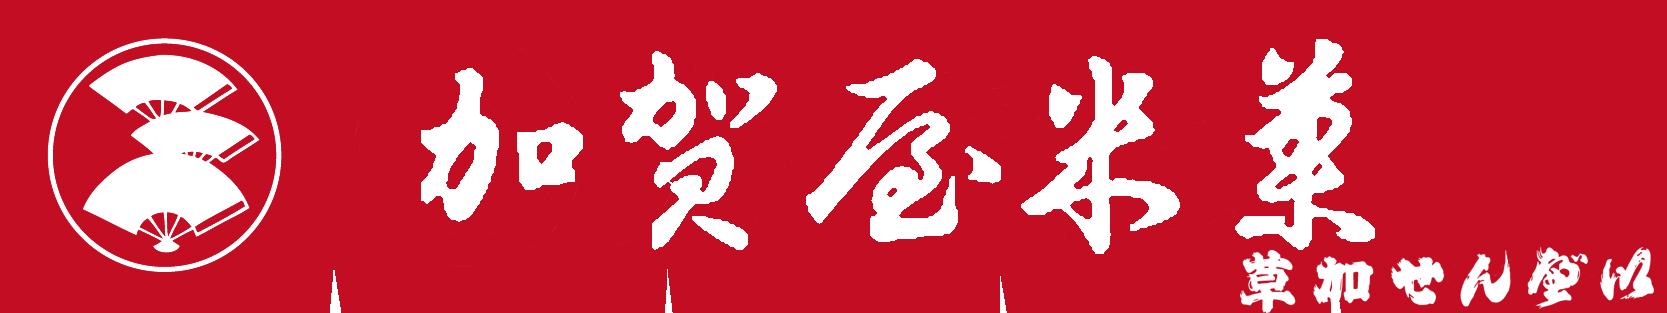 加賀屋米菓オンラインショップ